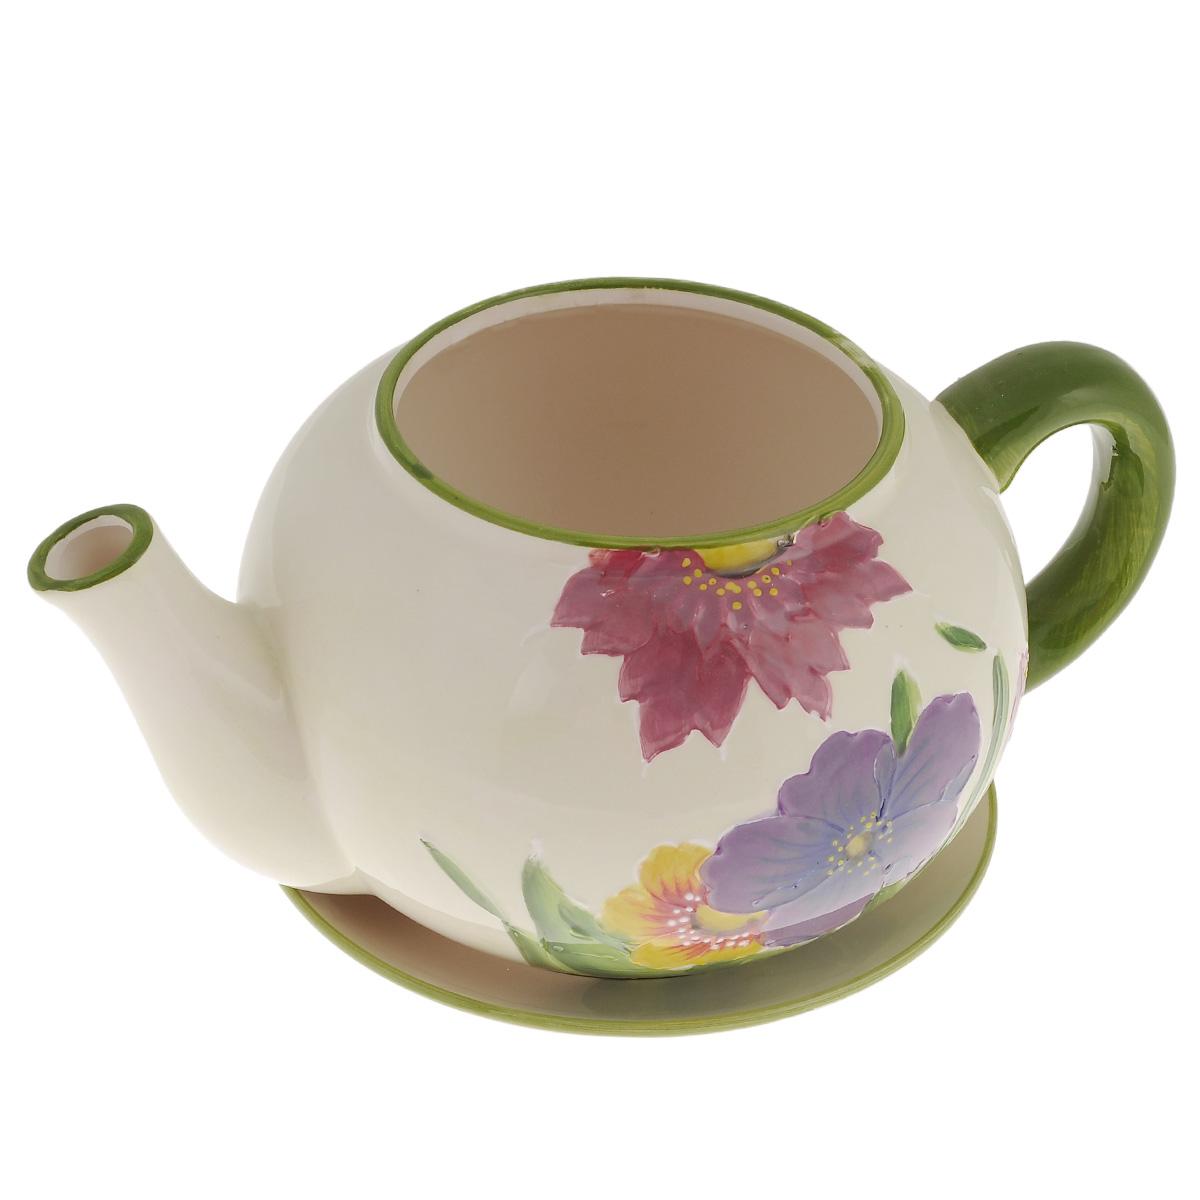 Кашпо Lillo Заварочный чайник, с поддоном. XY10S015-1AXY10S012DКашпо-горшок для цветов Lillo Заварочный чайник выполнен из прочной керамики и декорирован красочным рисунком. Изделие предназначено для цветов.Такие изделия часто становятся последним штрихом, который совершенно изменяет интерьер помещения или ландшафтный дизайн сада. Благодаря такому кашпо вы сможете украсить вашу комнату, офис, сад и другие места. Изделие оснащено специальным поддоном - блюдцем.Диаметр кашпо по верхнему краю: 12 см.Высота кашпо (без учета поддона): 14 см.Диаметр поддона: 20,5 см.